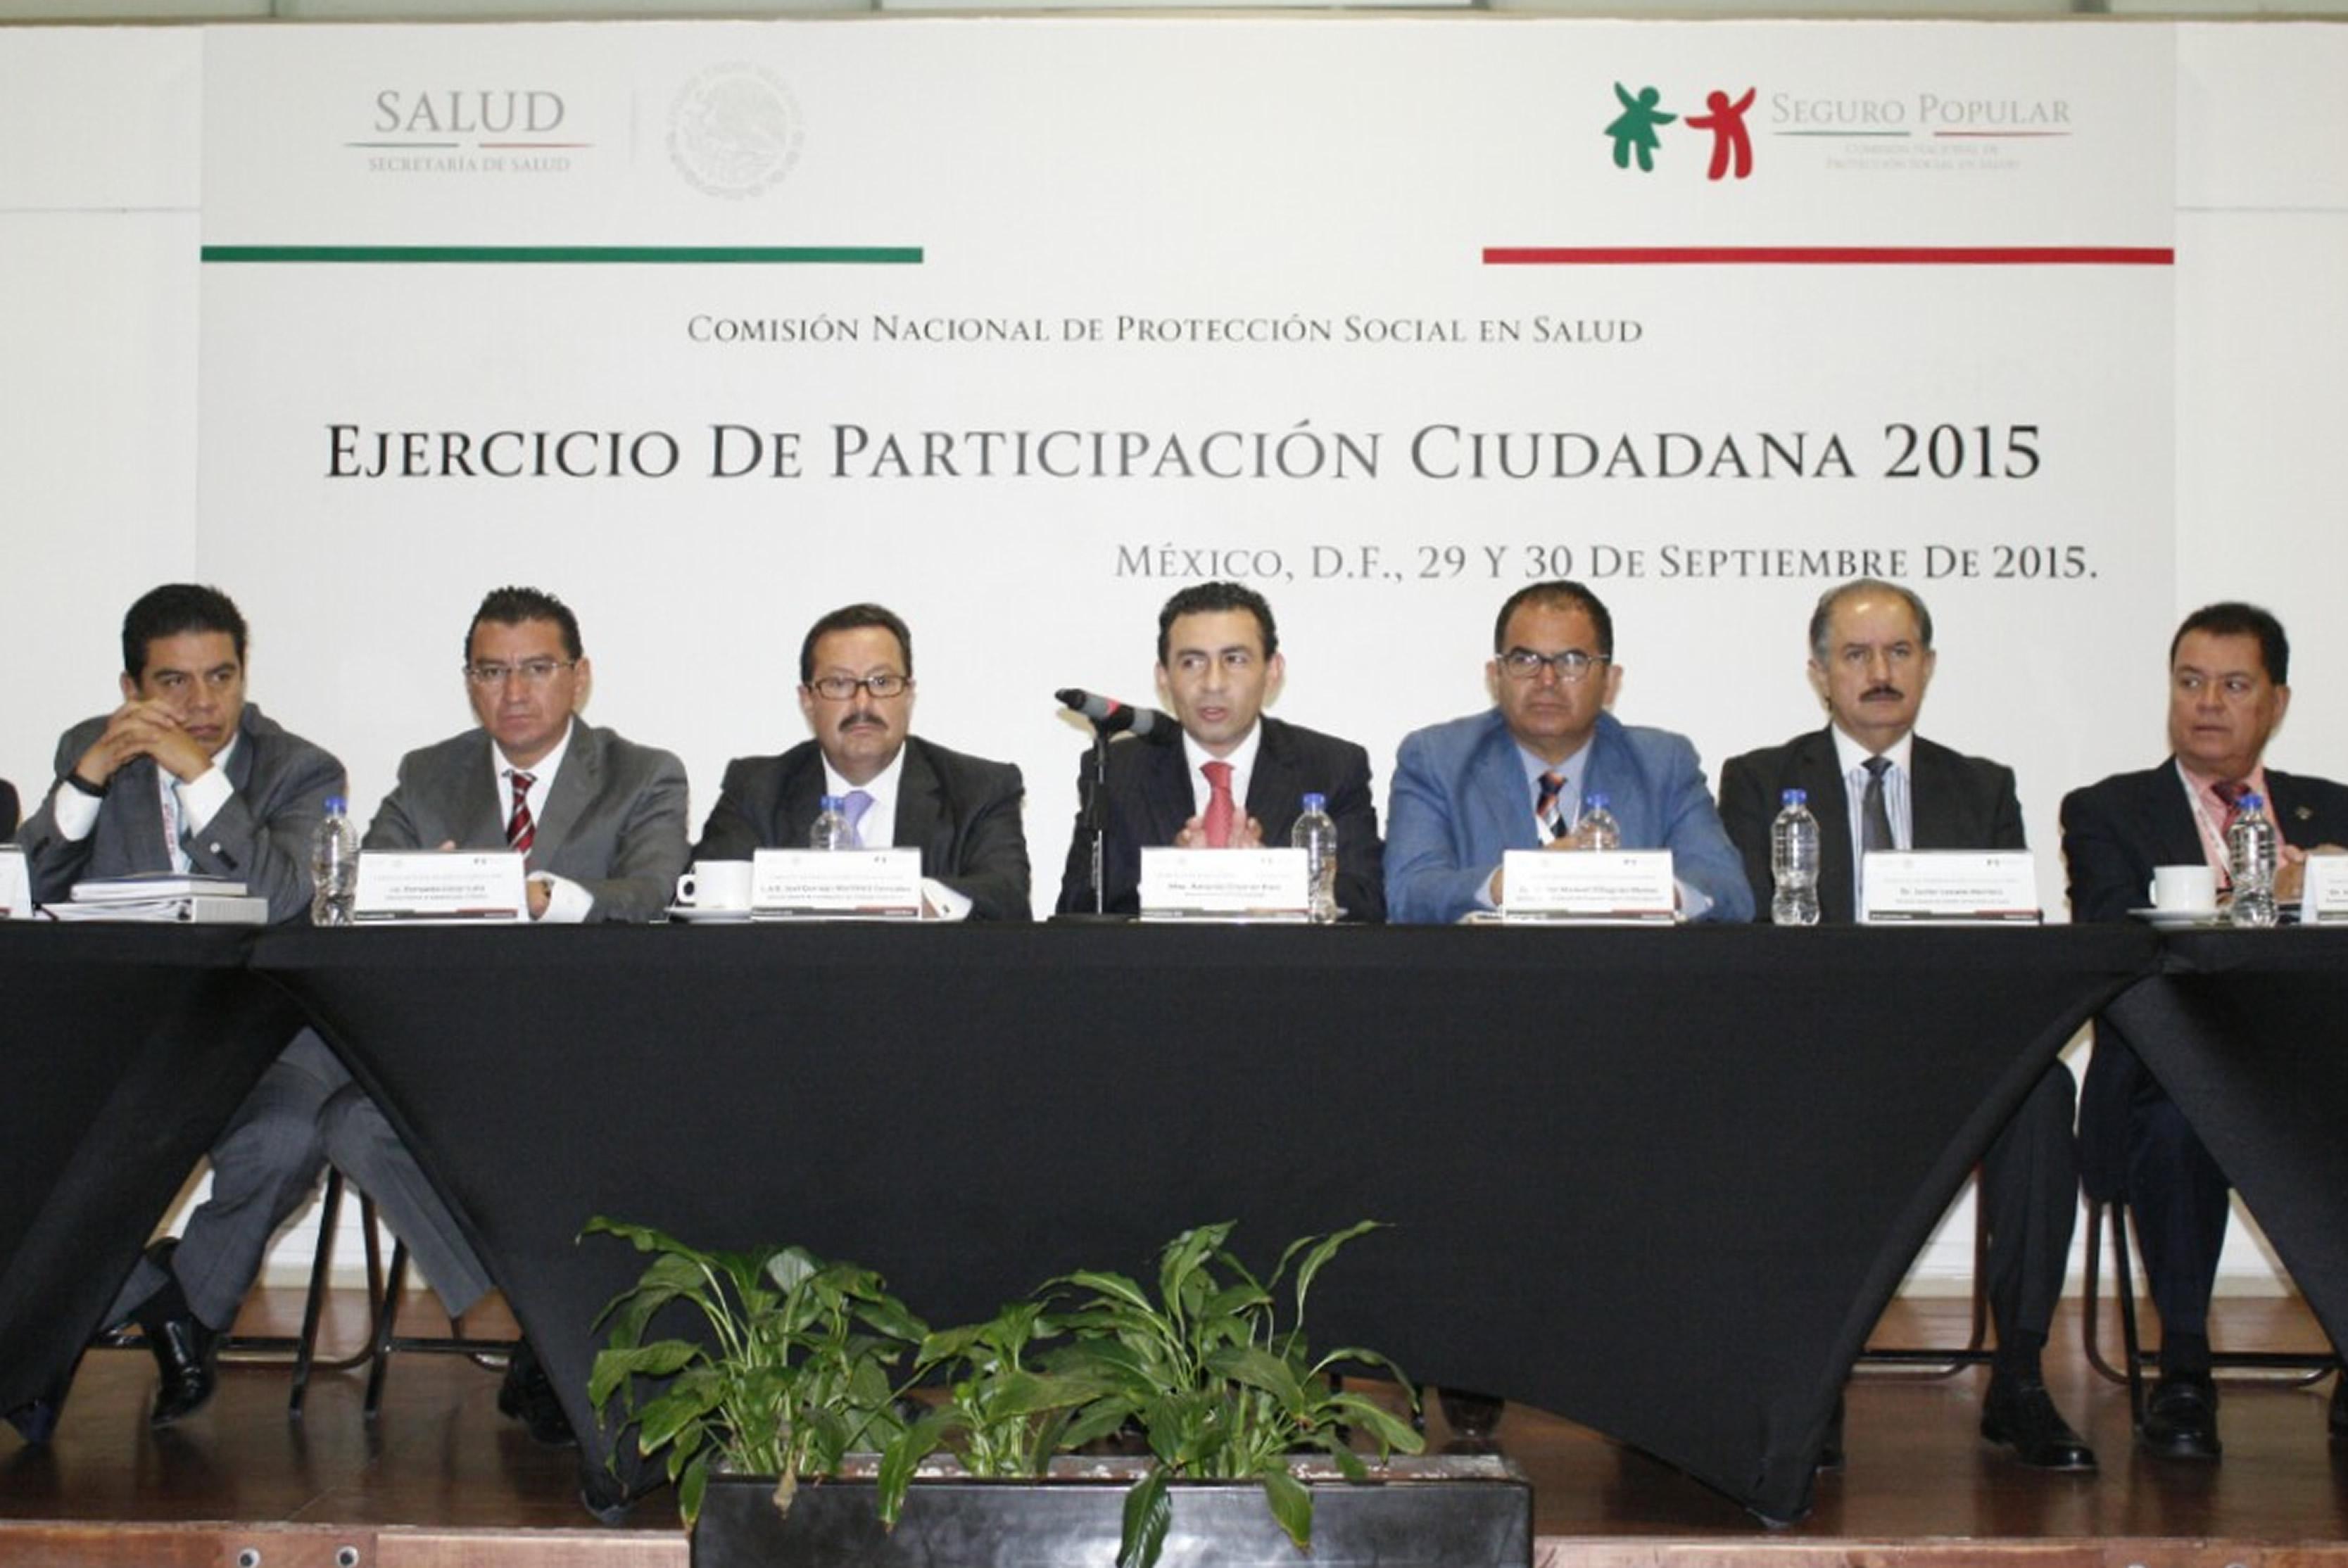 La Comisión Nacional de Protección Social en Salud, realiza foro Ejercicio de Participación Ciudadana 2015.